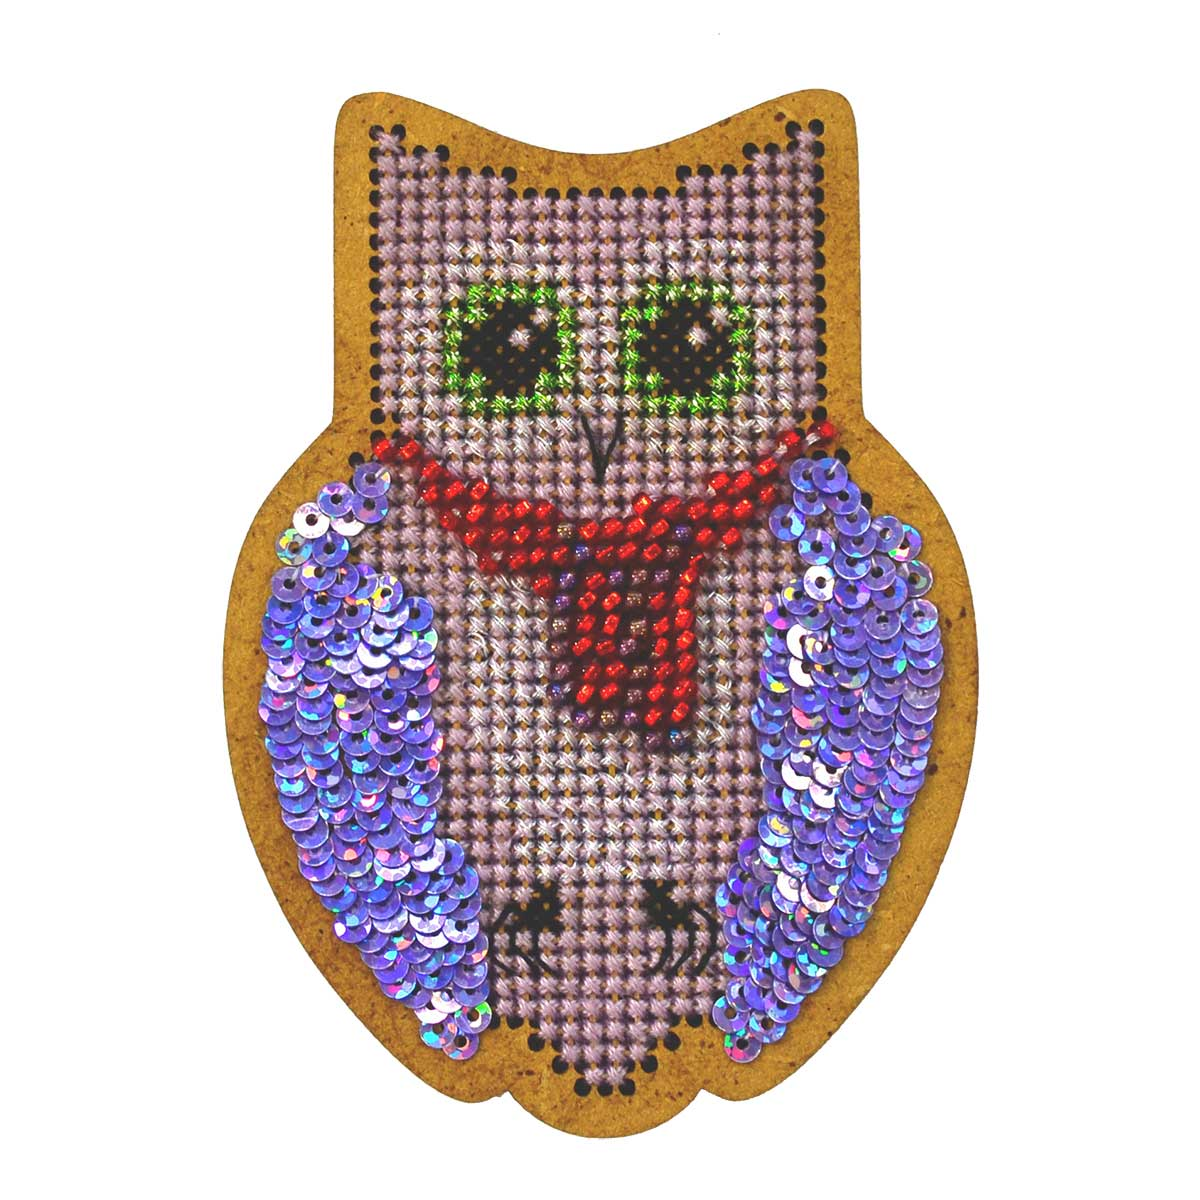 ИК-005 Набор для вышивания крестом на основе Созвездие 'Новогодняя игрушка 'Совушка' 6,5*8,5см